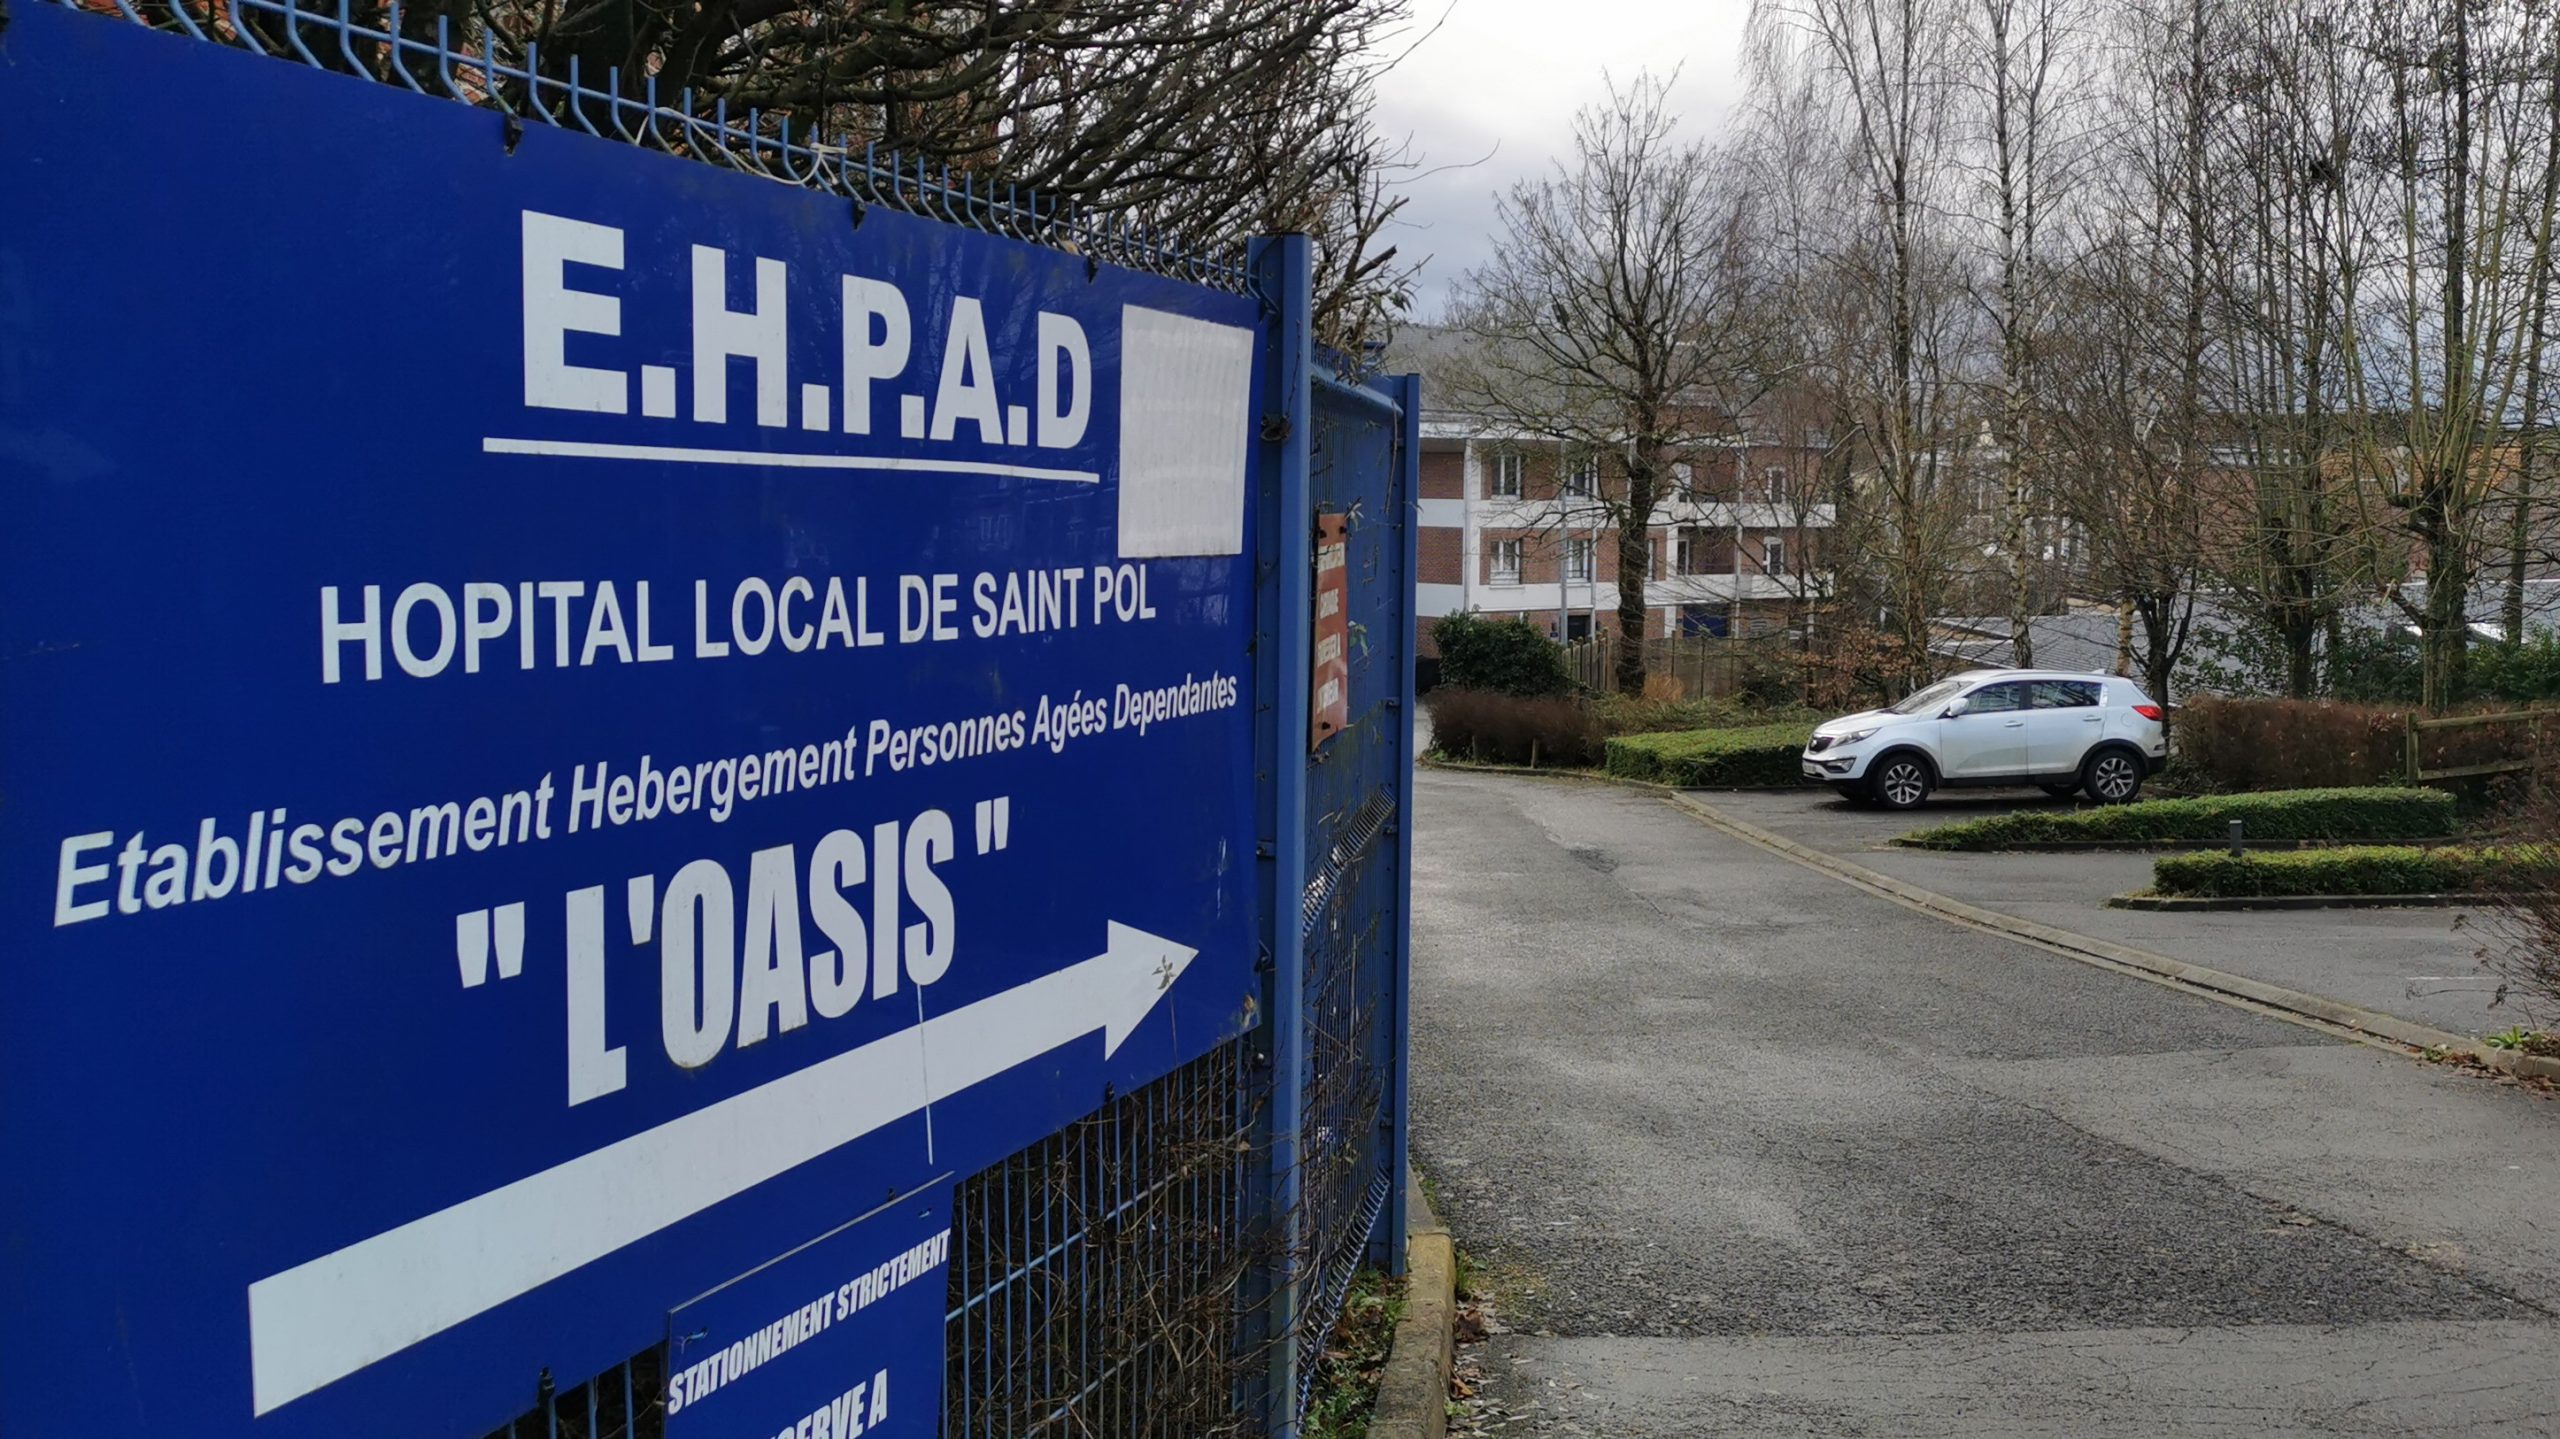 Malgré un troisième décès, la direction de l'Ehpad l'Oasis de Saint-Pol commence à entrevoir la sortie de crise